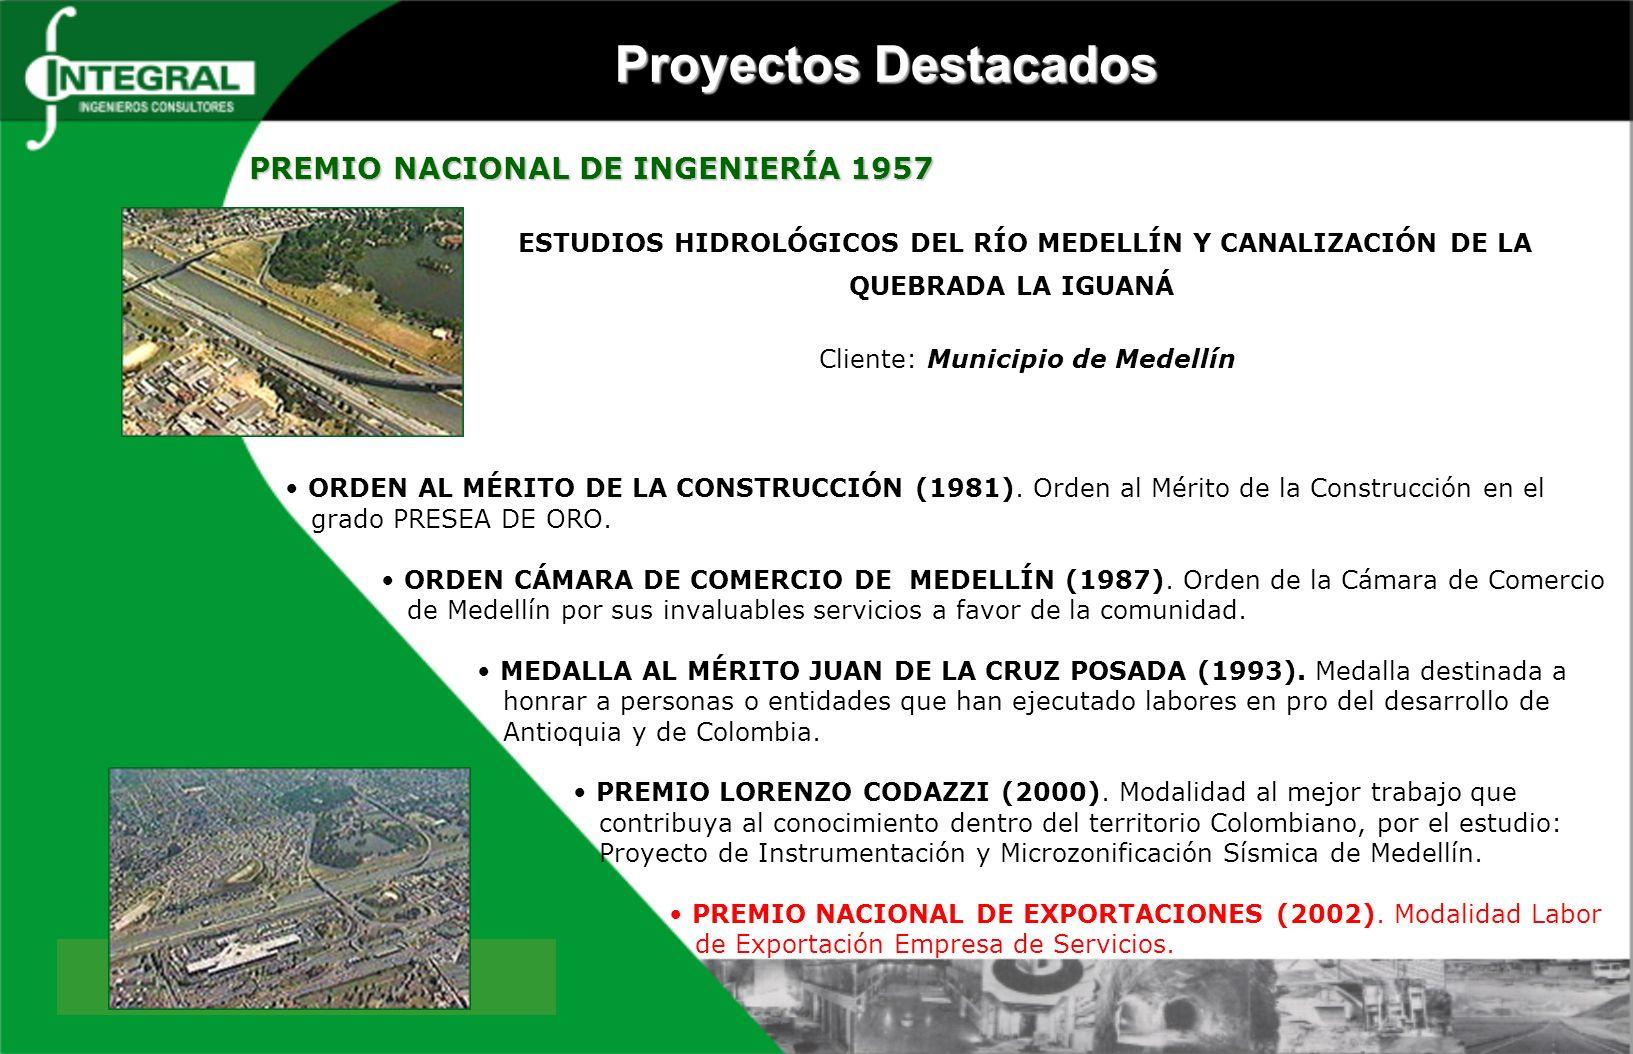 ESTUDIOS HIDROLÓGICOS DEL RÍO MEDELLÍN Y CANALIZACIÓN DE LA QUEBRADA LA IGUANÁ Cliente: Municipio de Medellín PREMIO NACIONAL DE INGENIERÍA 1957 PREMI